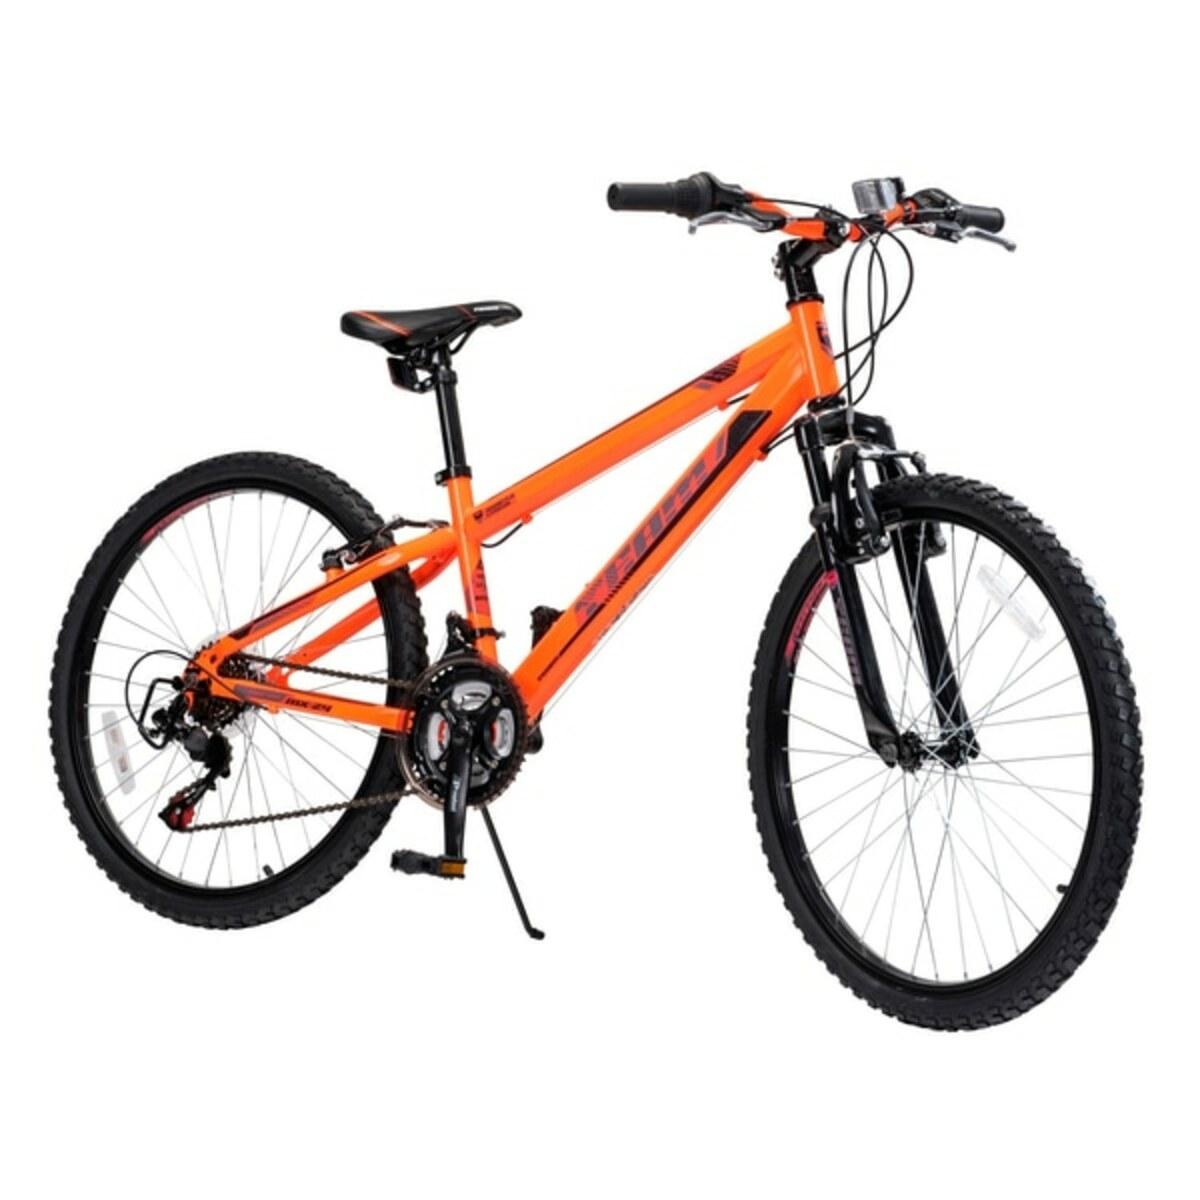 Bild 5 von 20 Zoll Mountainbike X-Team MX-20, orange